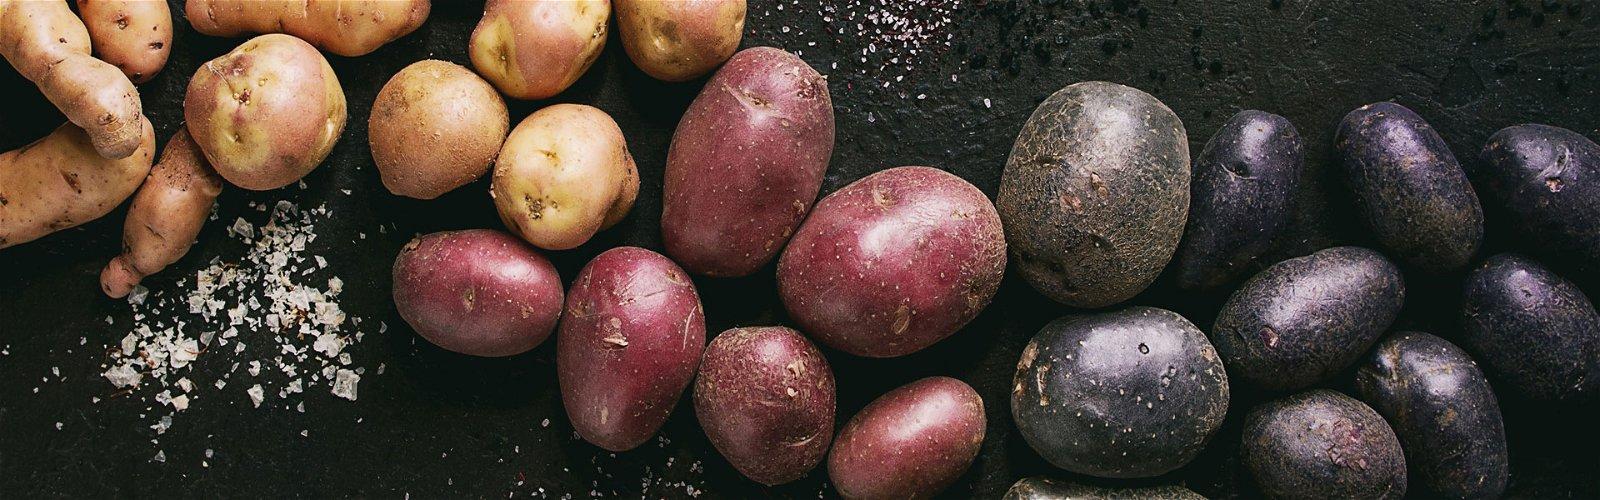 Forskellige kartoffelsorter